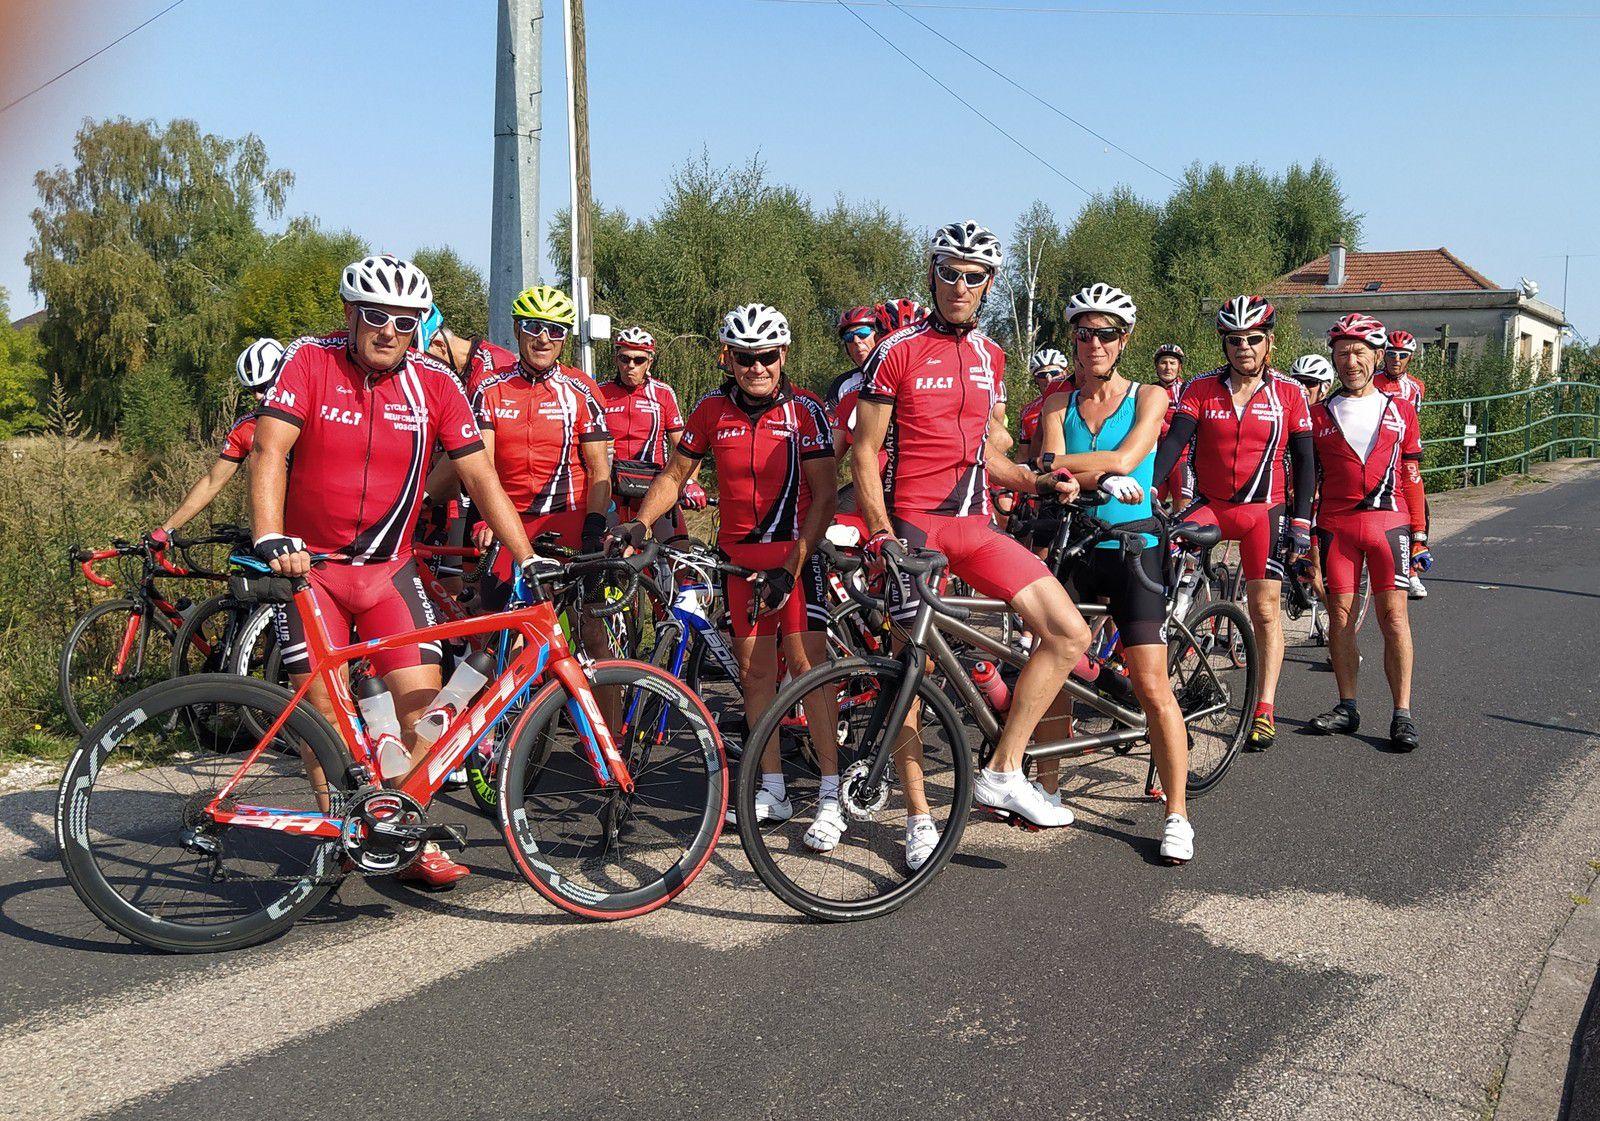 """Sortie journée du 12/09: Le matin  2 circuits de 72 km et 87 km vers le Xaintois ont  été parcourus par 24 cyclos( photo: écluse de Vincey). Après un excellent repas pris au restaurant """"l'Abondance"""",  12 cyclos ont repris leur vélo pour aller grimper la colline de Sion (photo: monument Maurice Barres ). Une belle journée cyclo !!!"""